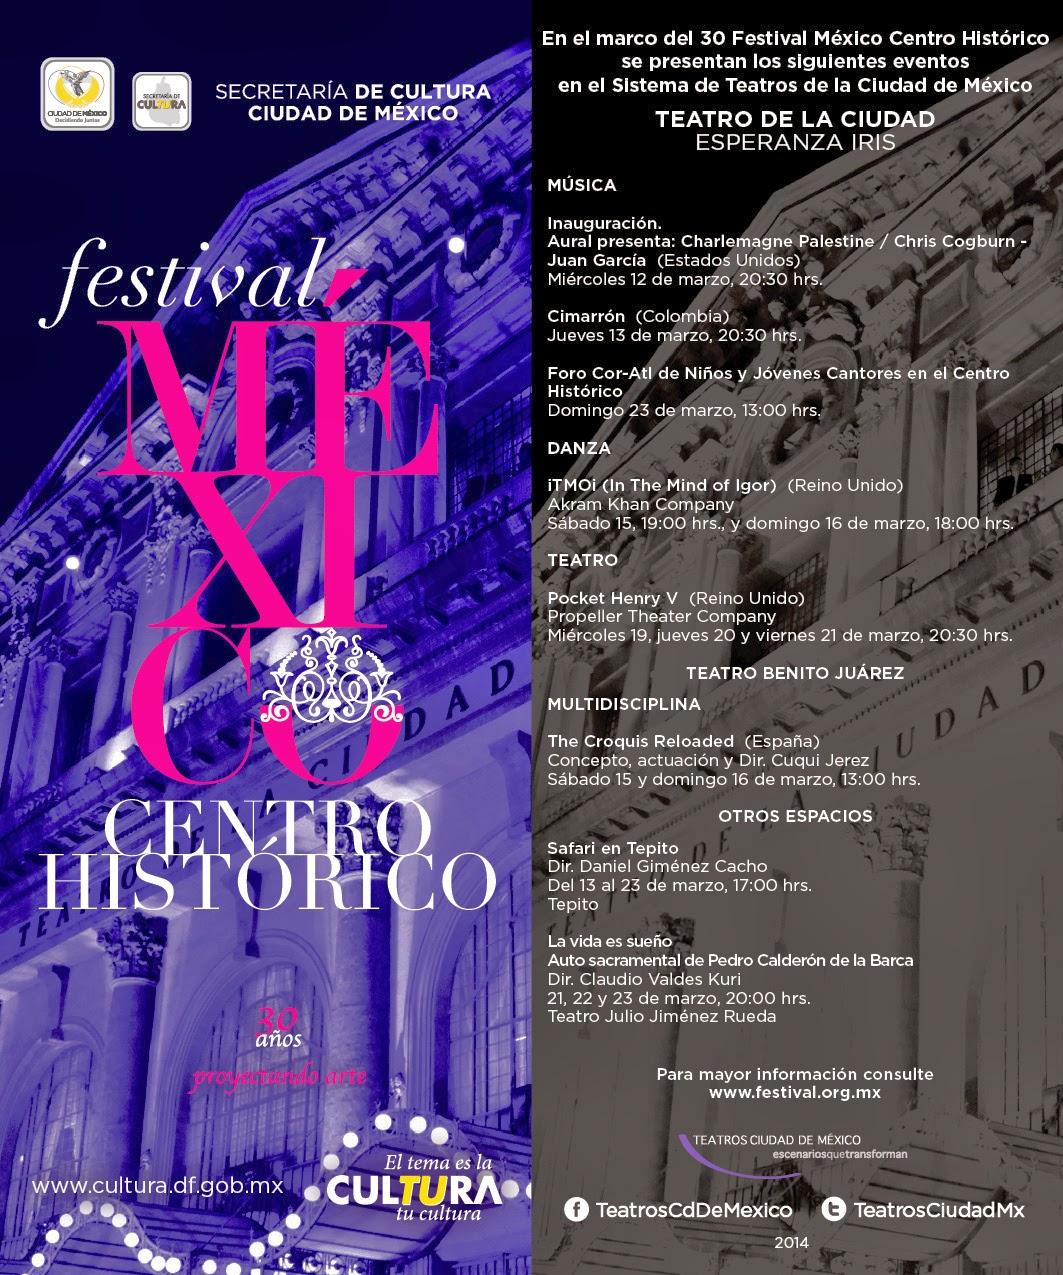 El Sistema de Teatros DF en el 30 Festival Centro Histórico México @FestivalMexico